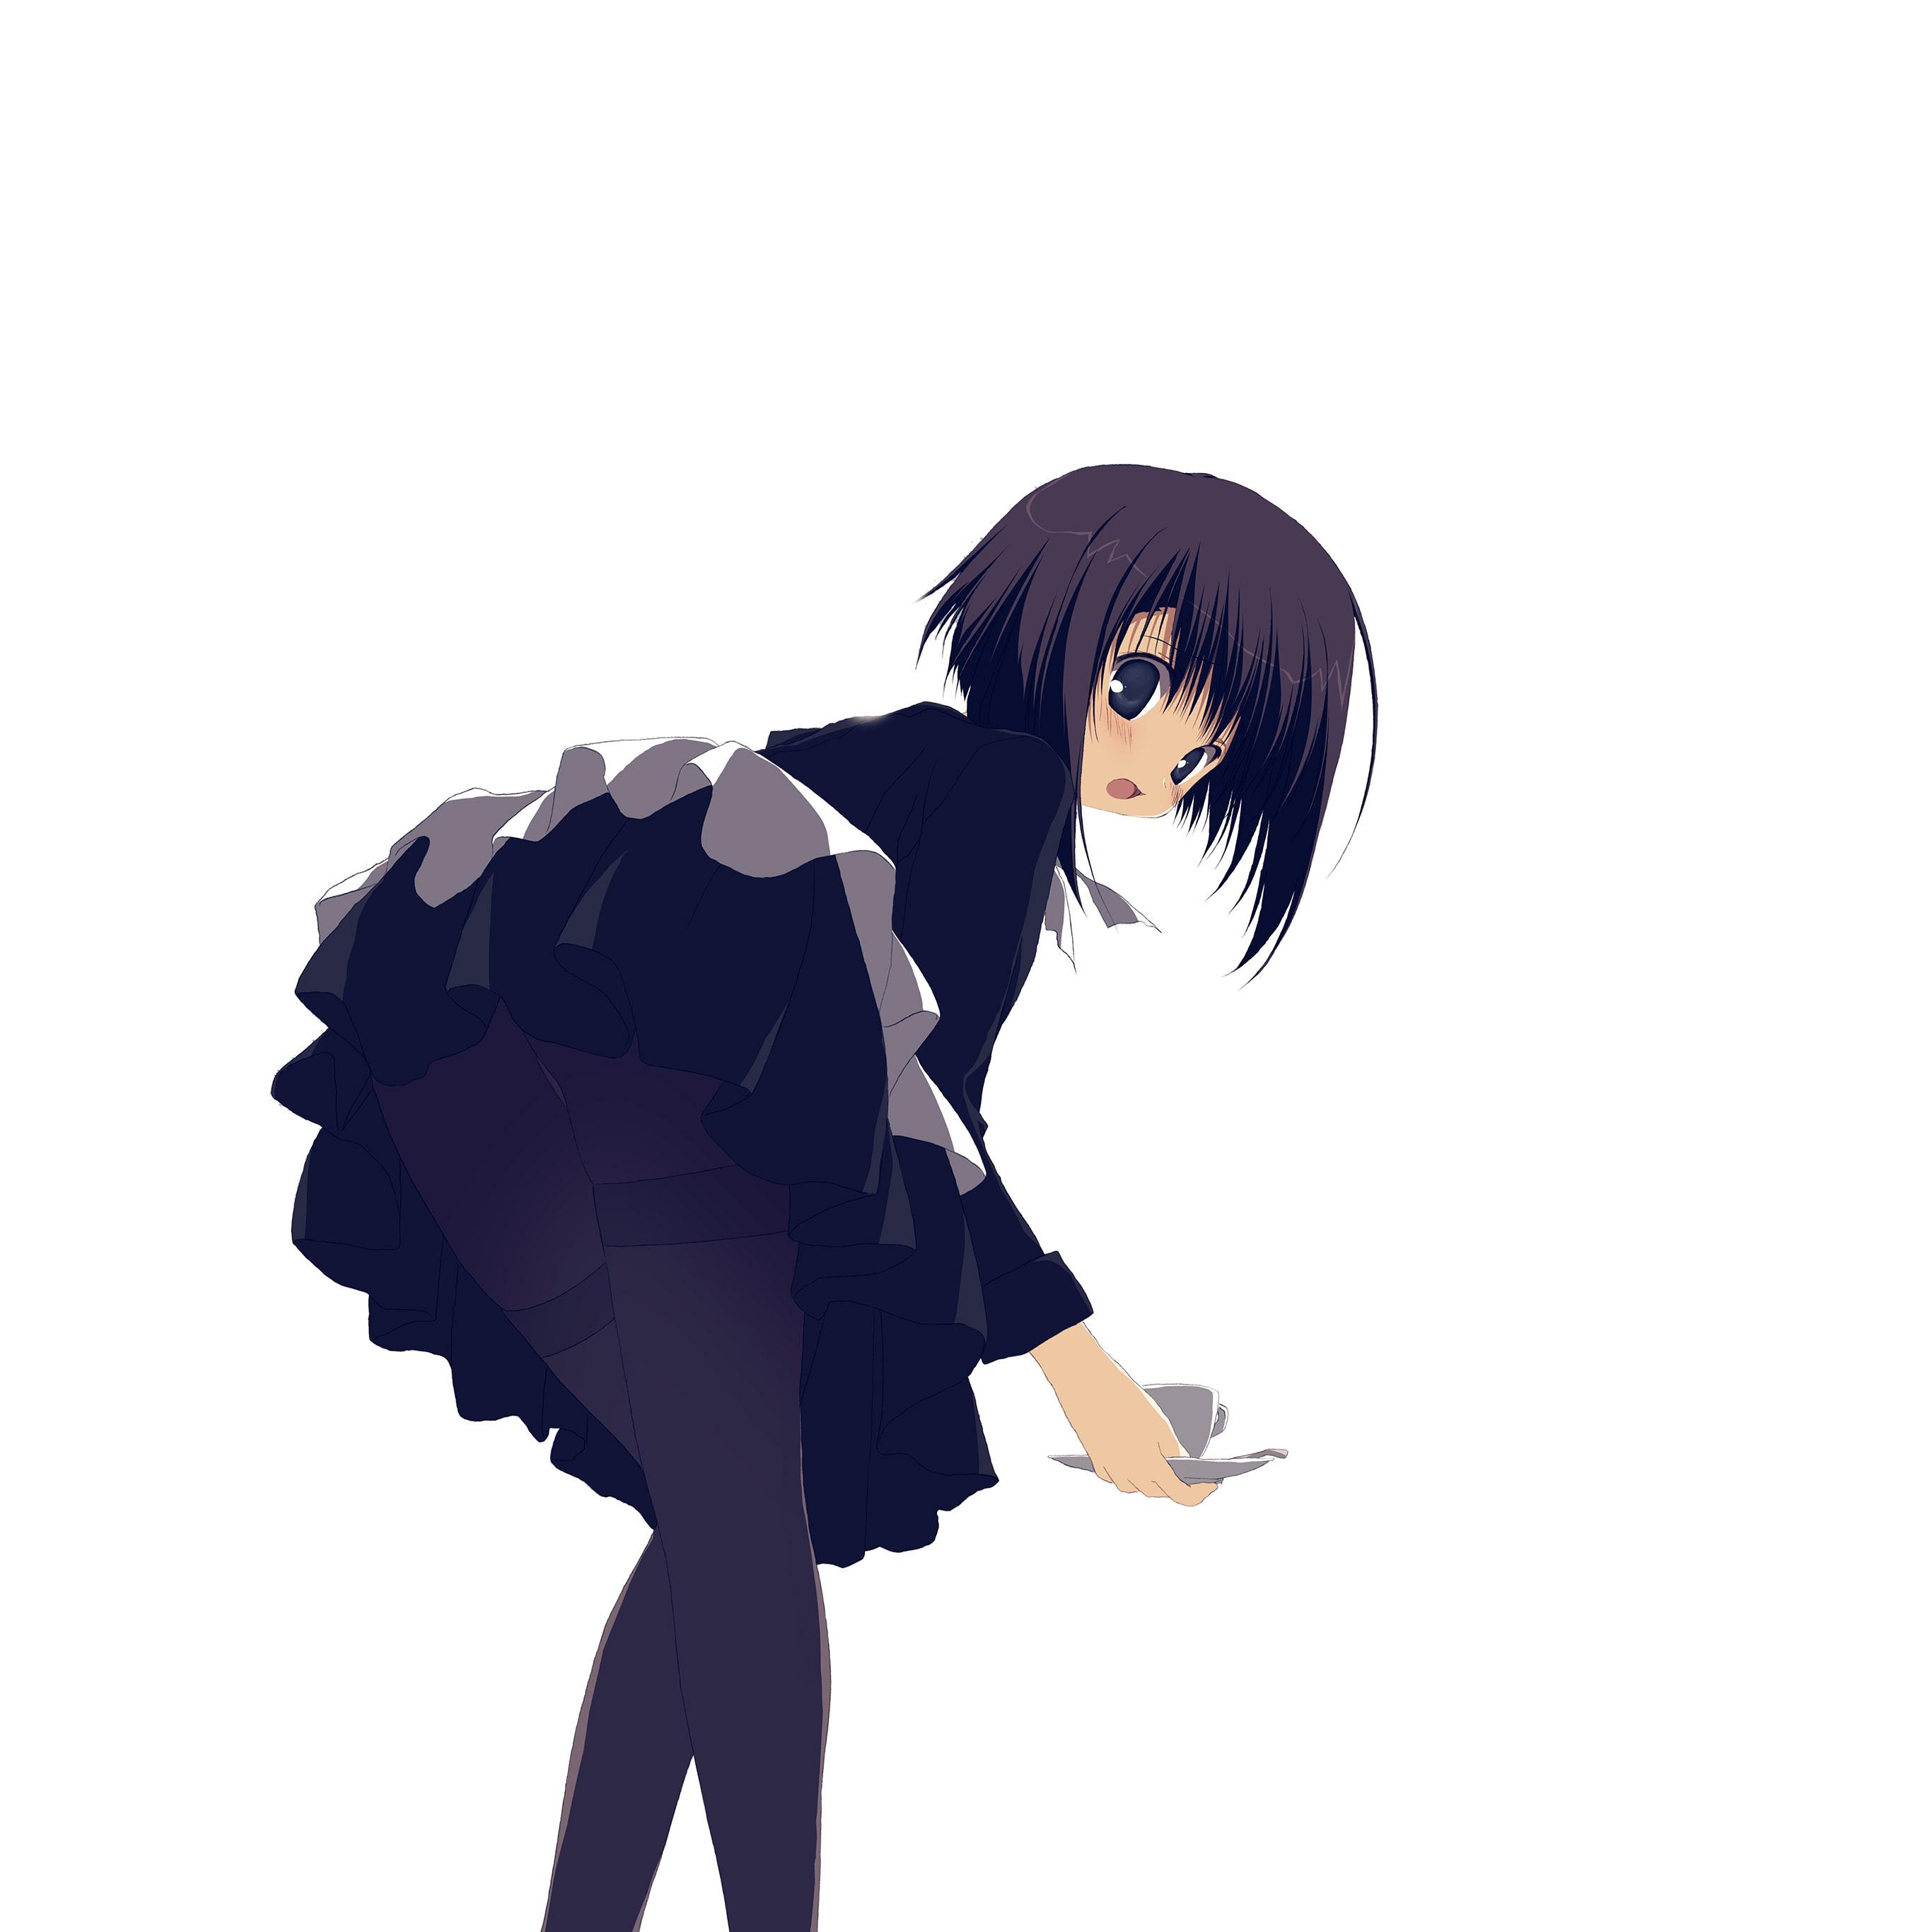 Av81 Girl Anime Black Dress Cute Illustration Art Japanese Wallpaper